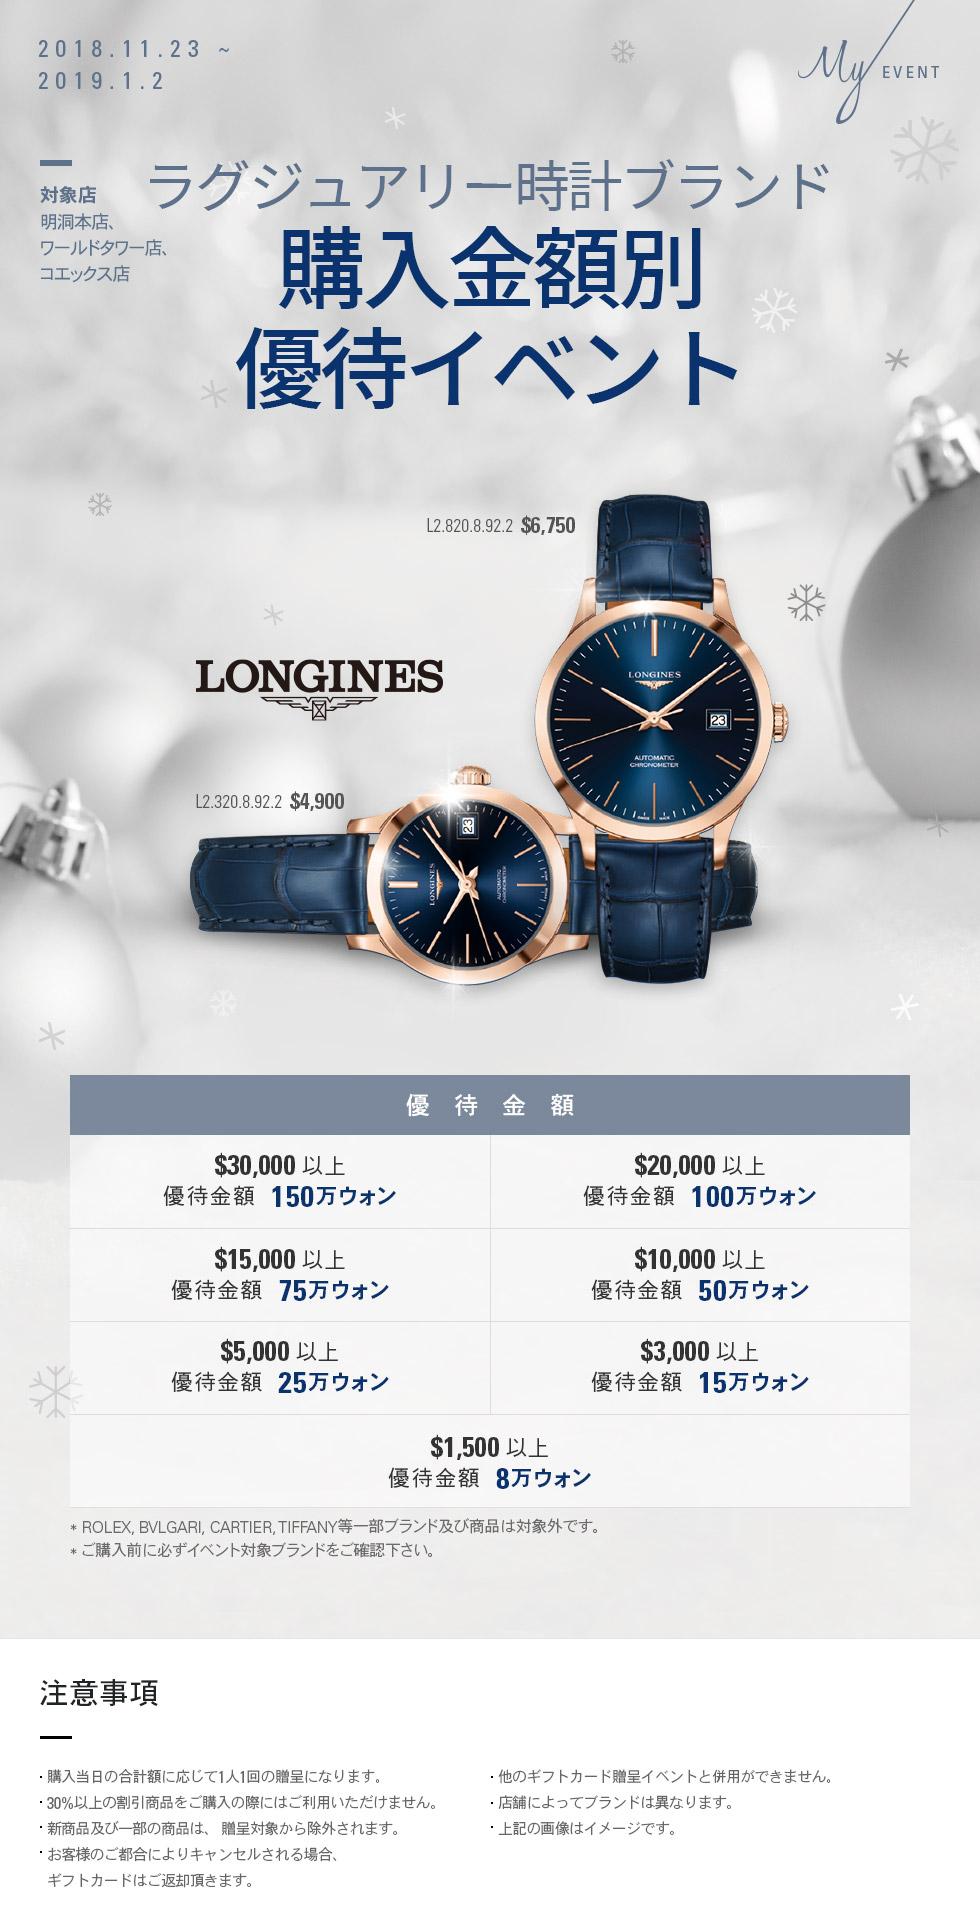 ラグジュアリー時計ブランド 購入金額別優待イベント